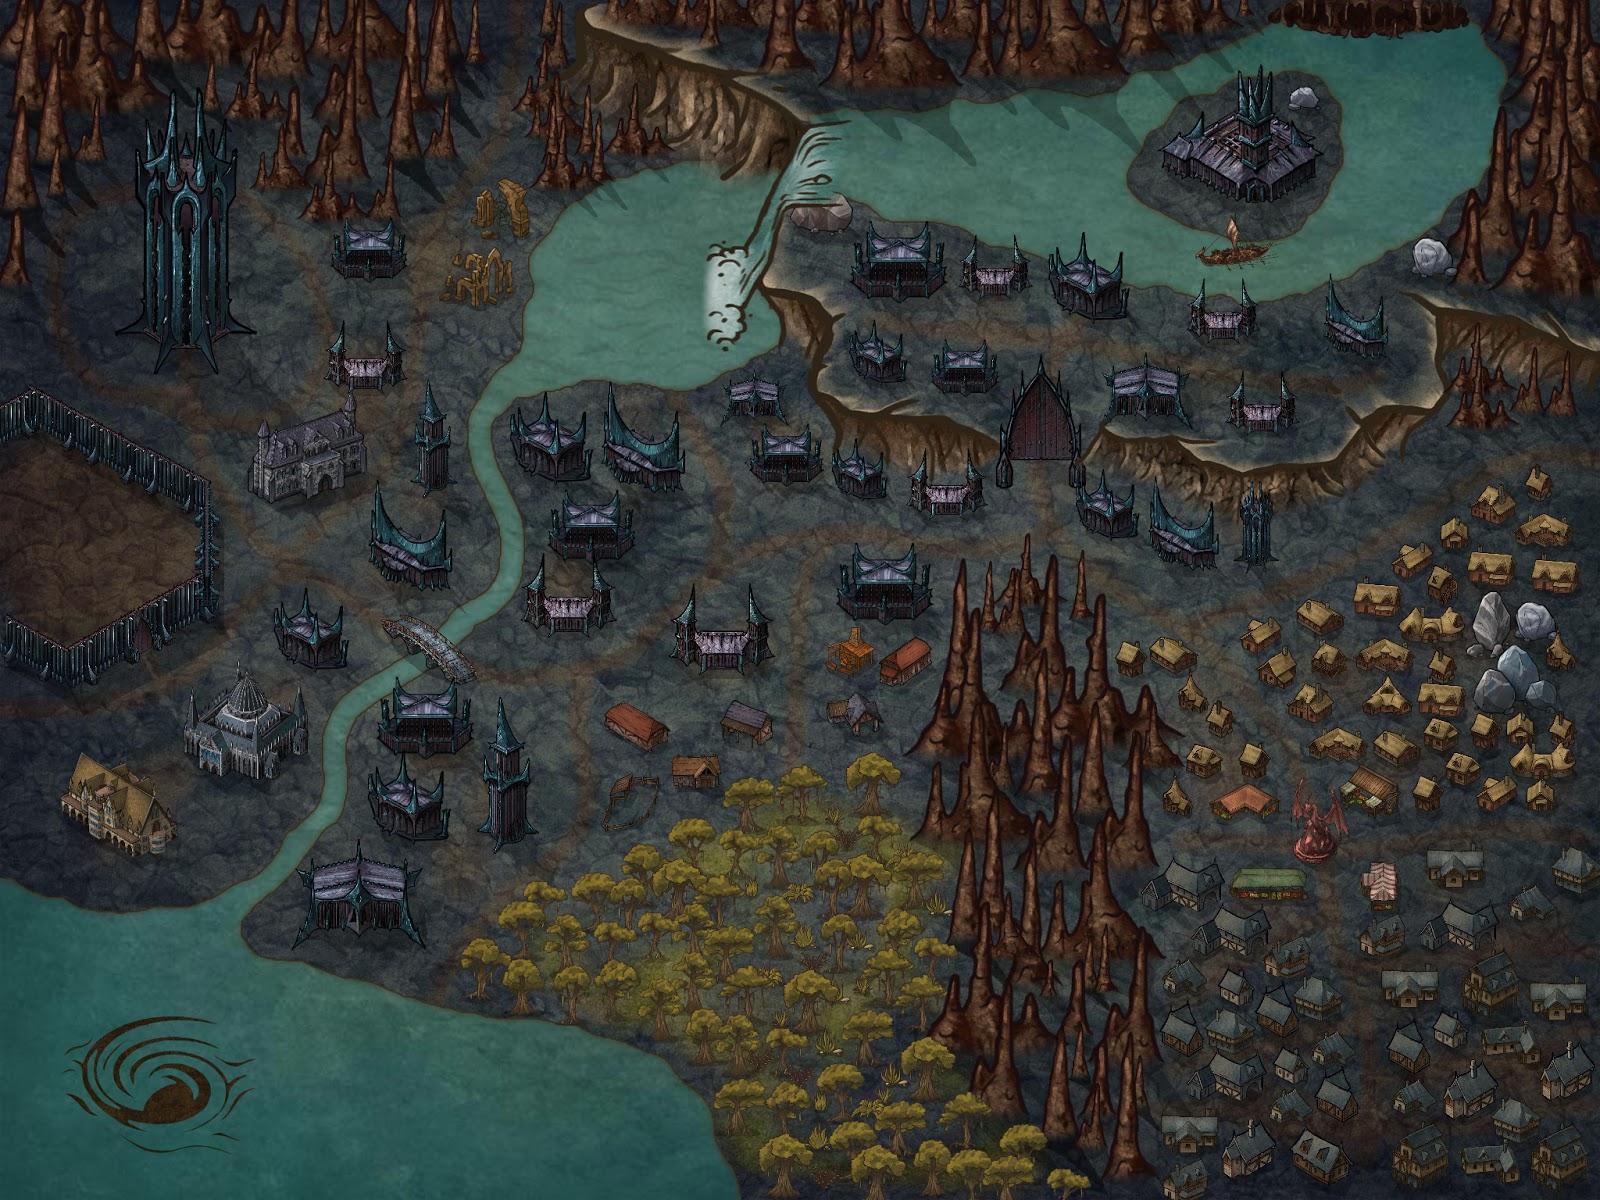 Escenarios - Dralantha, la Ciudad de Medianoche - Plano de la Ciudad